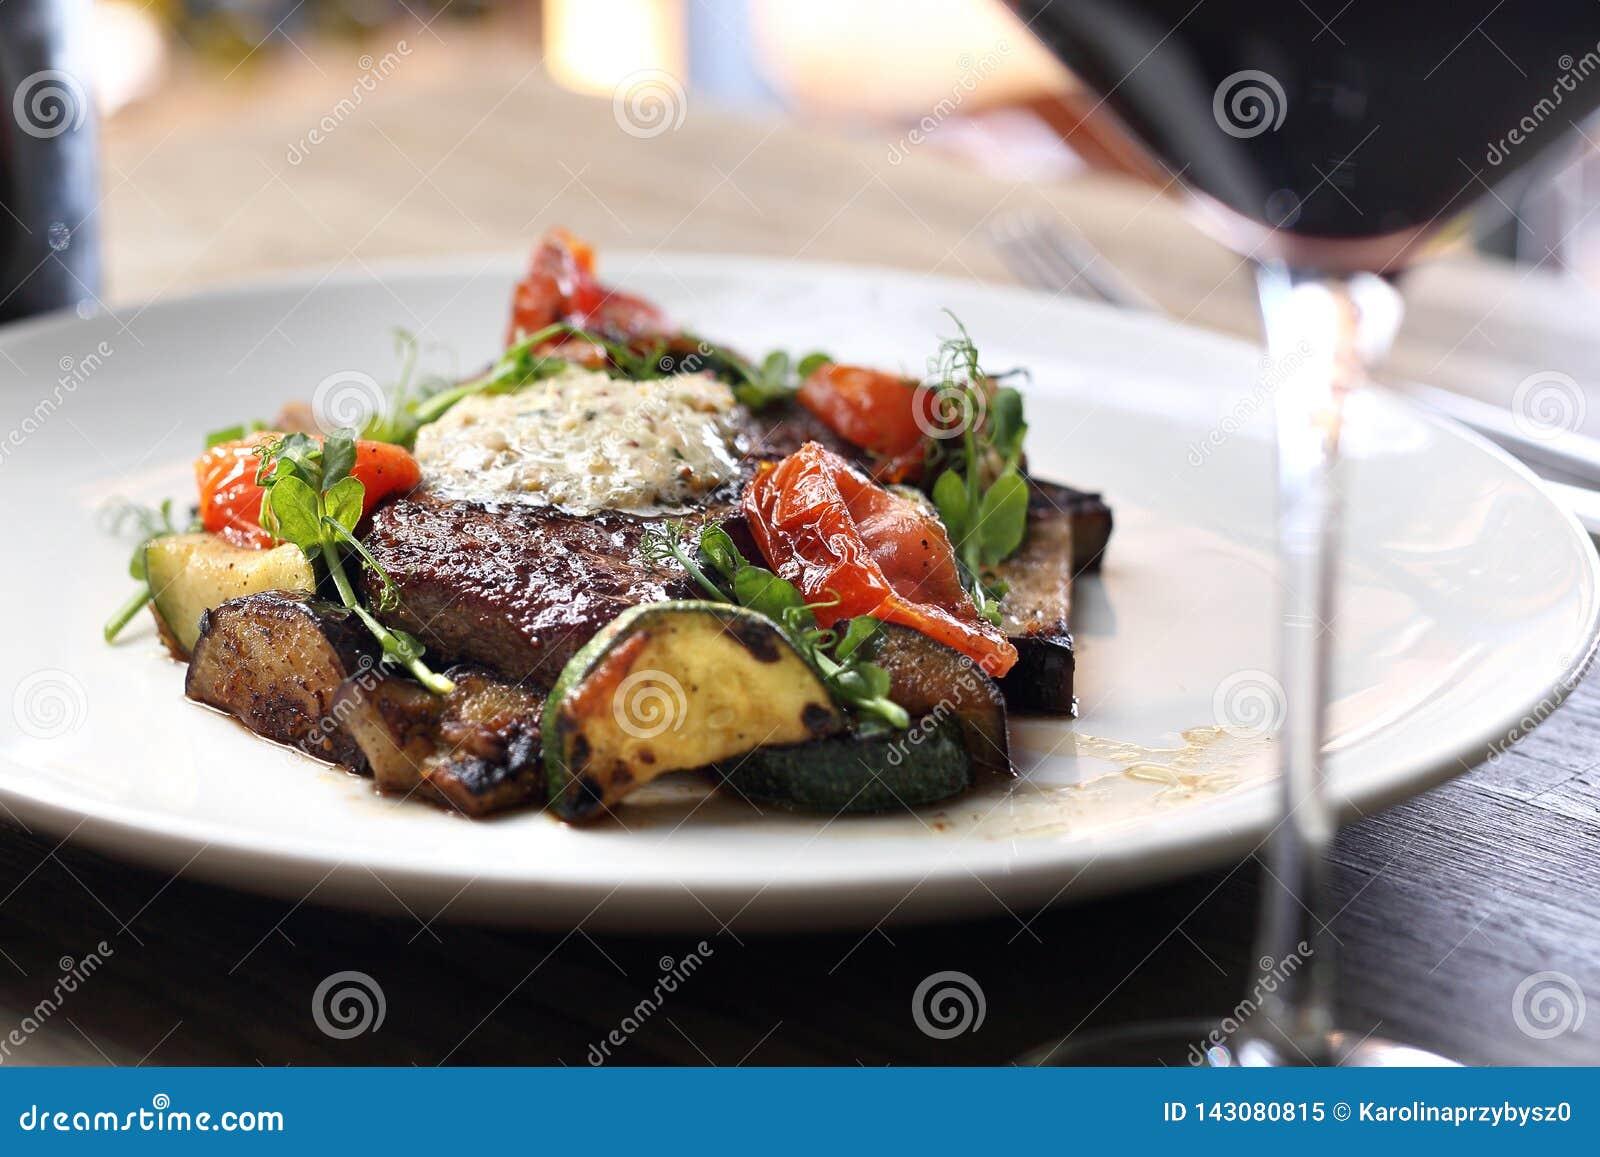 El filete del bistec de costilla con mantequilla de hierba y verduras asadas a la parrilla sirvió con un vidrio de vino tinto